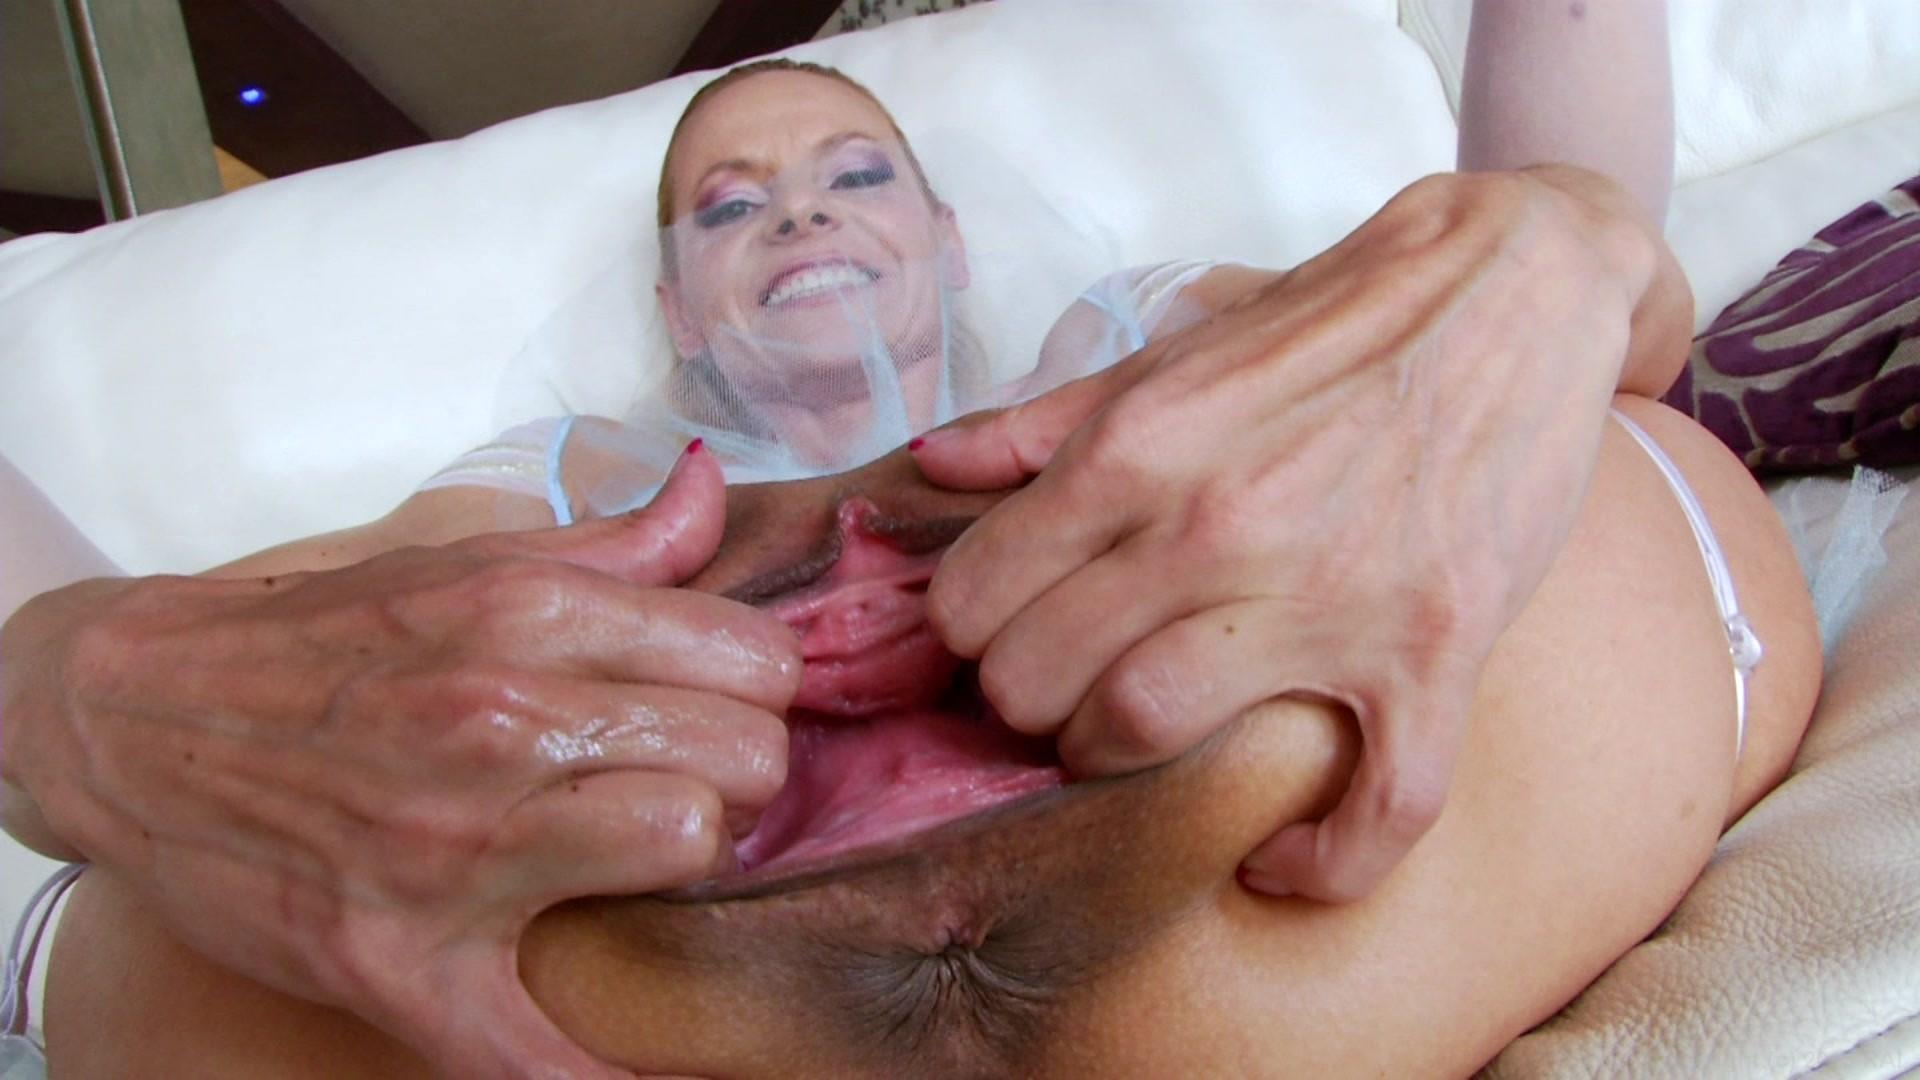 улице фото порно секс женщина с двумя влагалищами такого